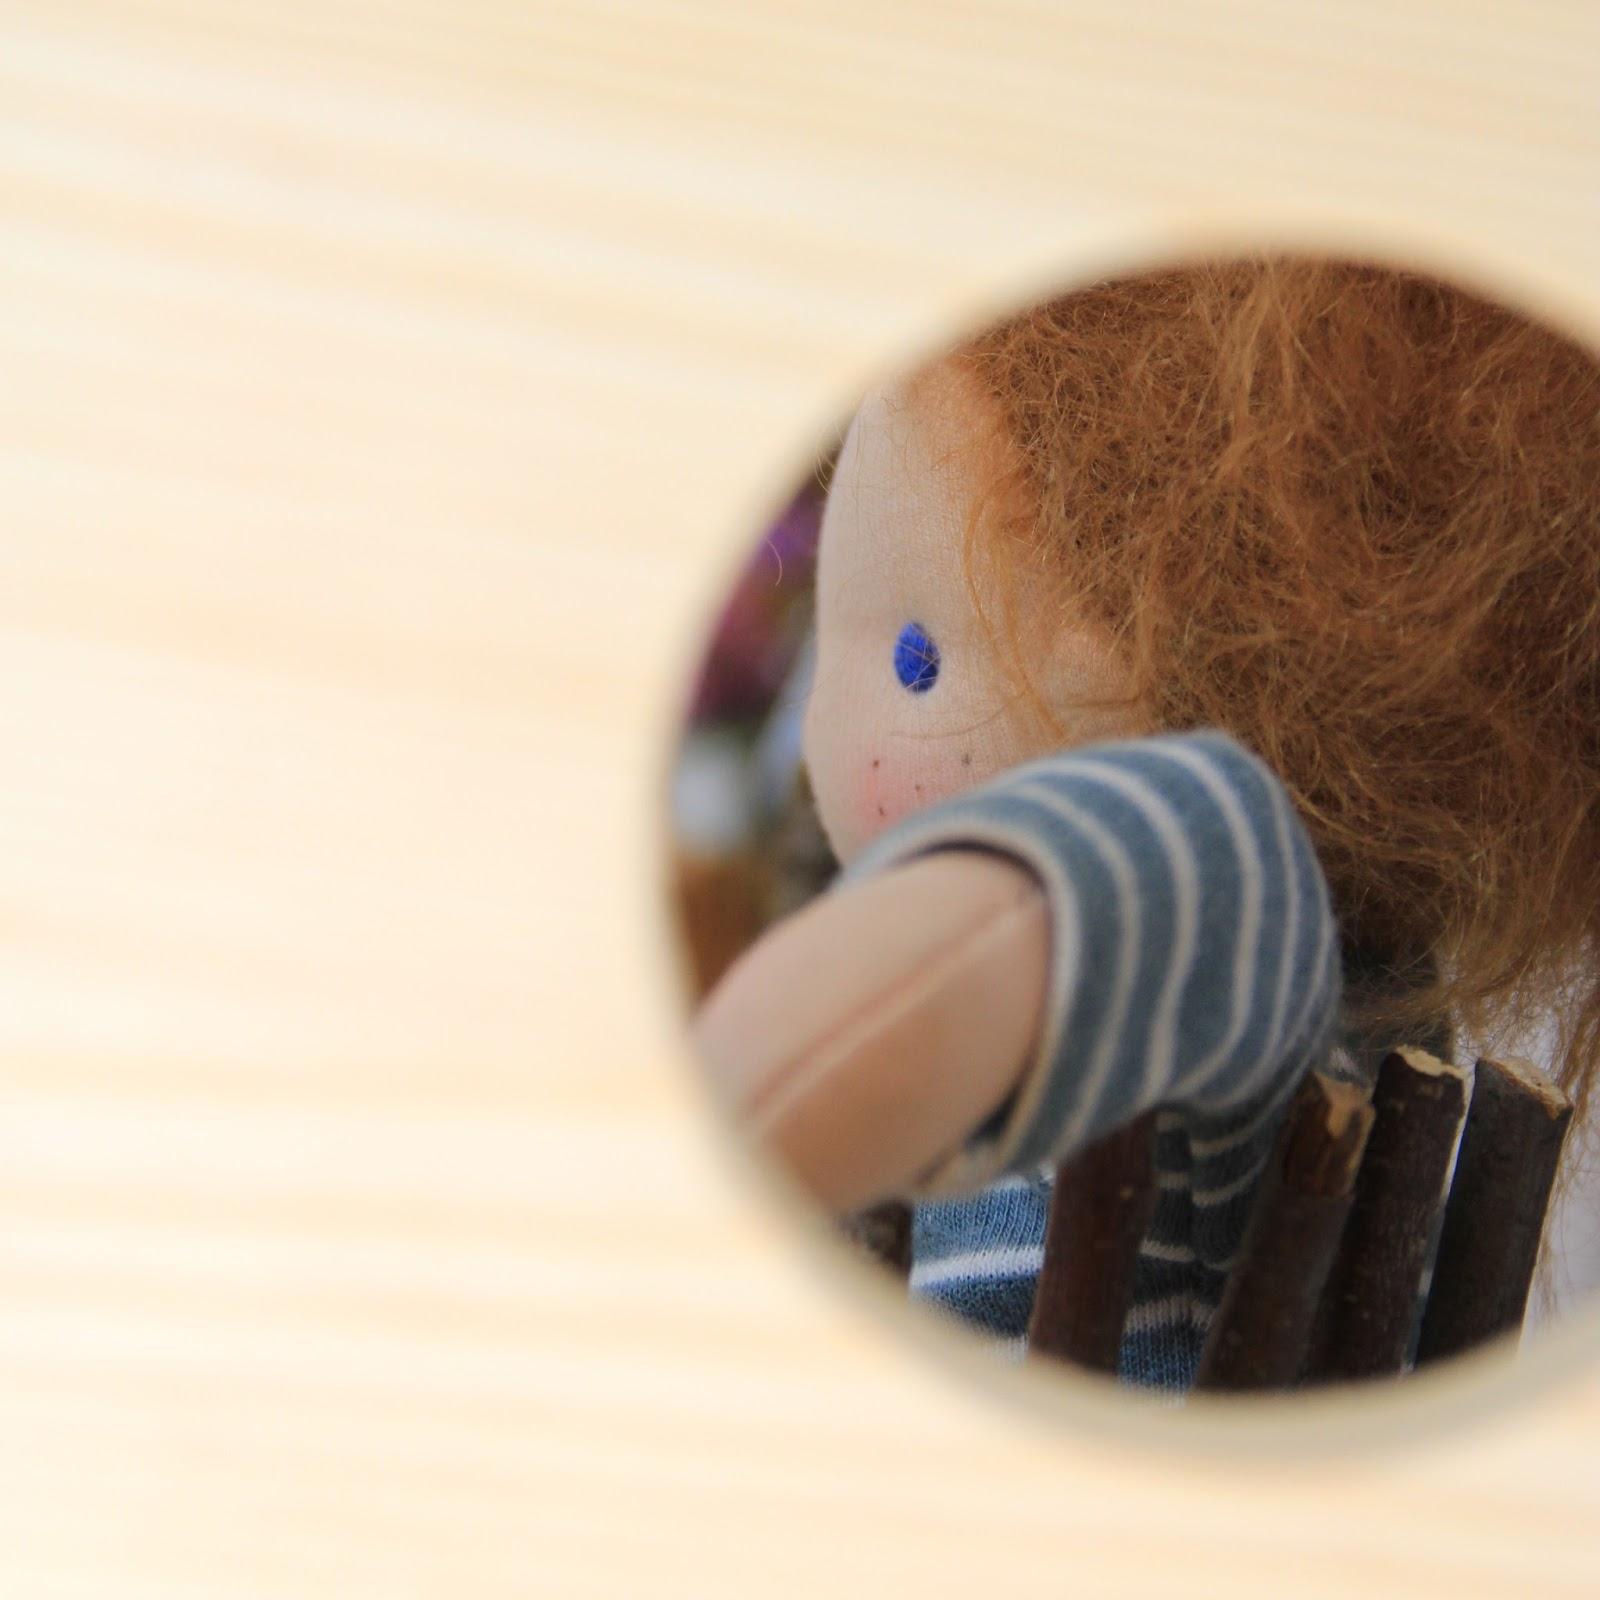 Der kleine Noa ist im Moment zu Besuch denn sein Puppenpapa ist inzwischen ein großer Junge und wünscht sich mehr Details für sein Puppenkind o se